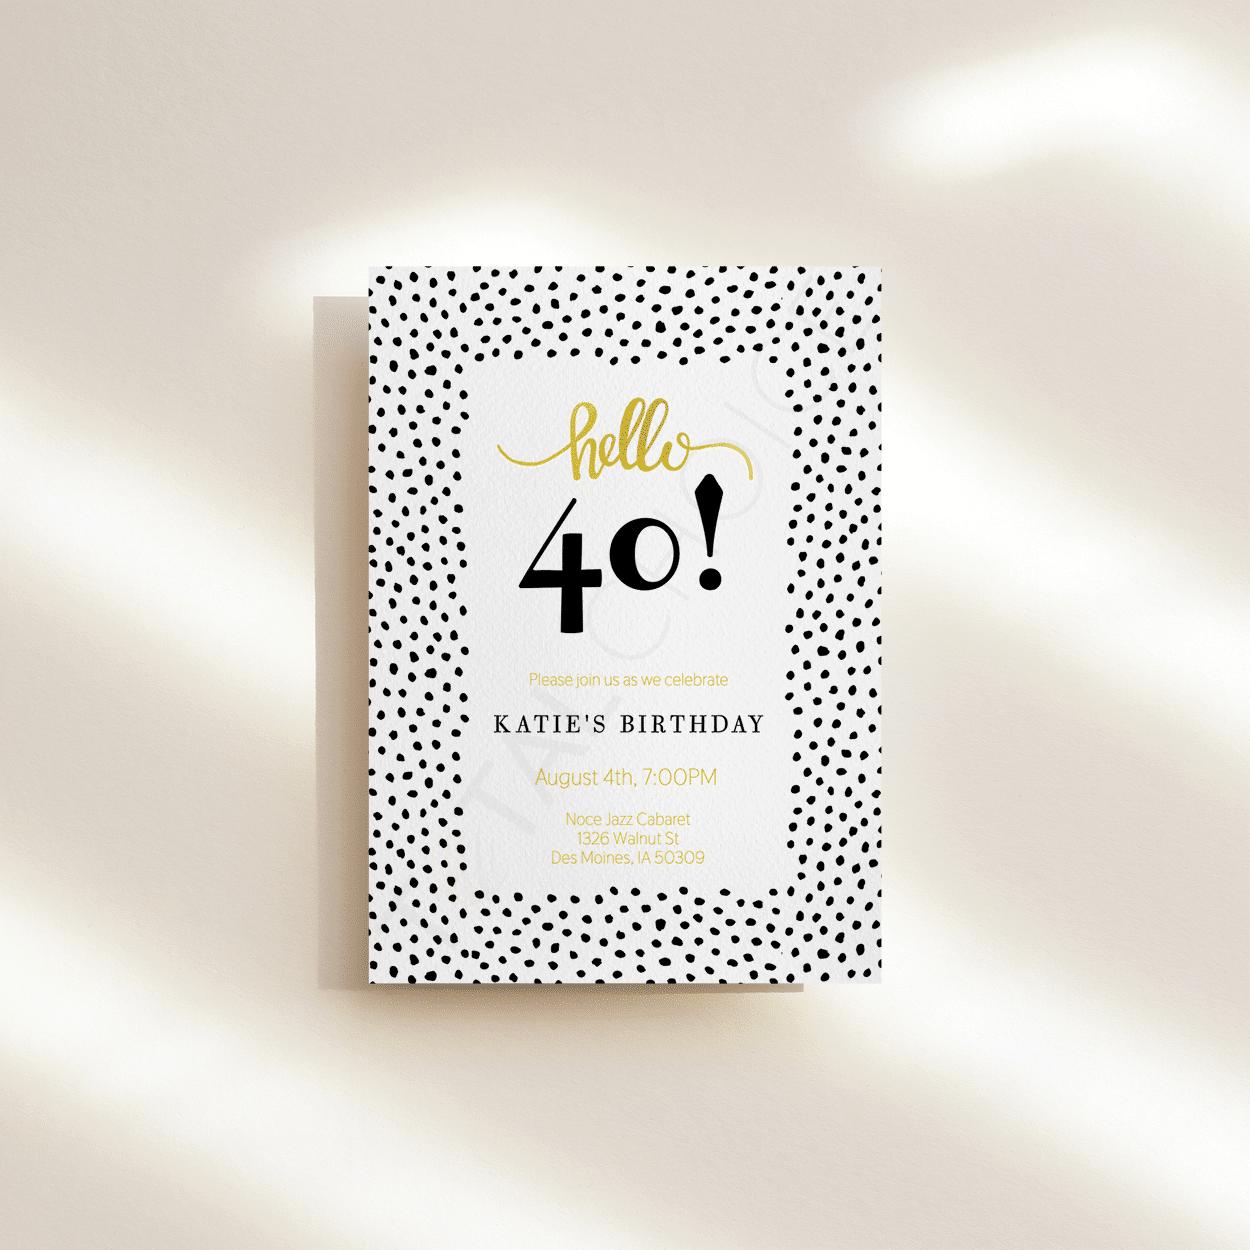 Hello Dots Birthday Invitation